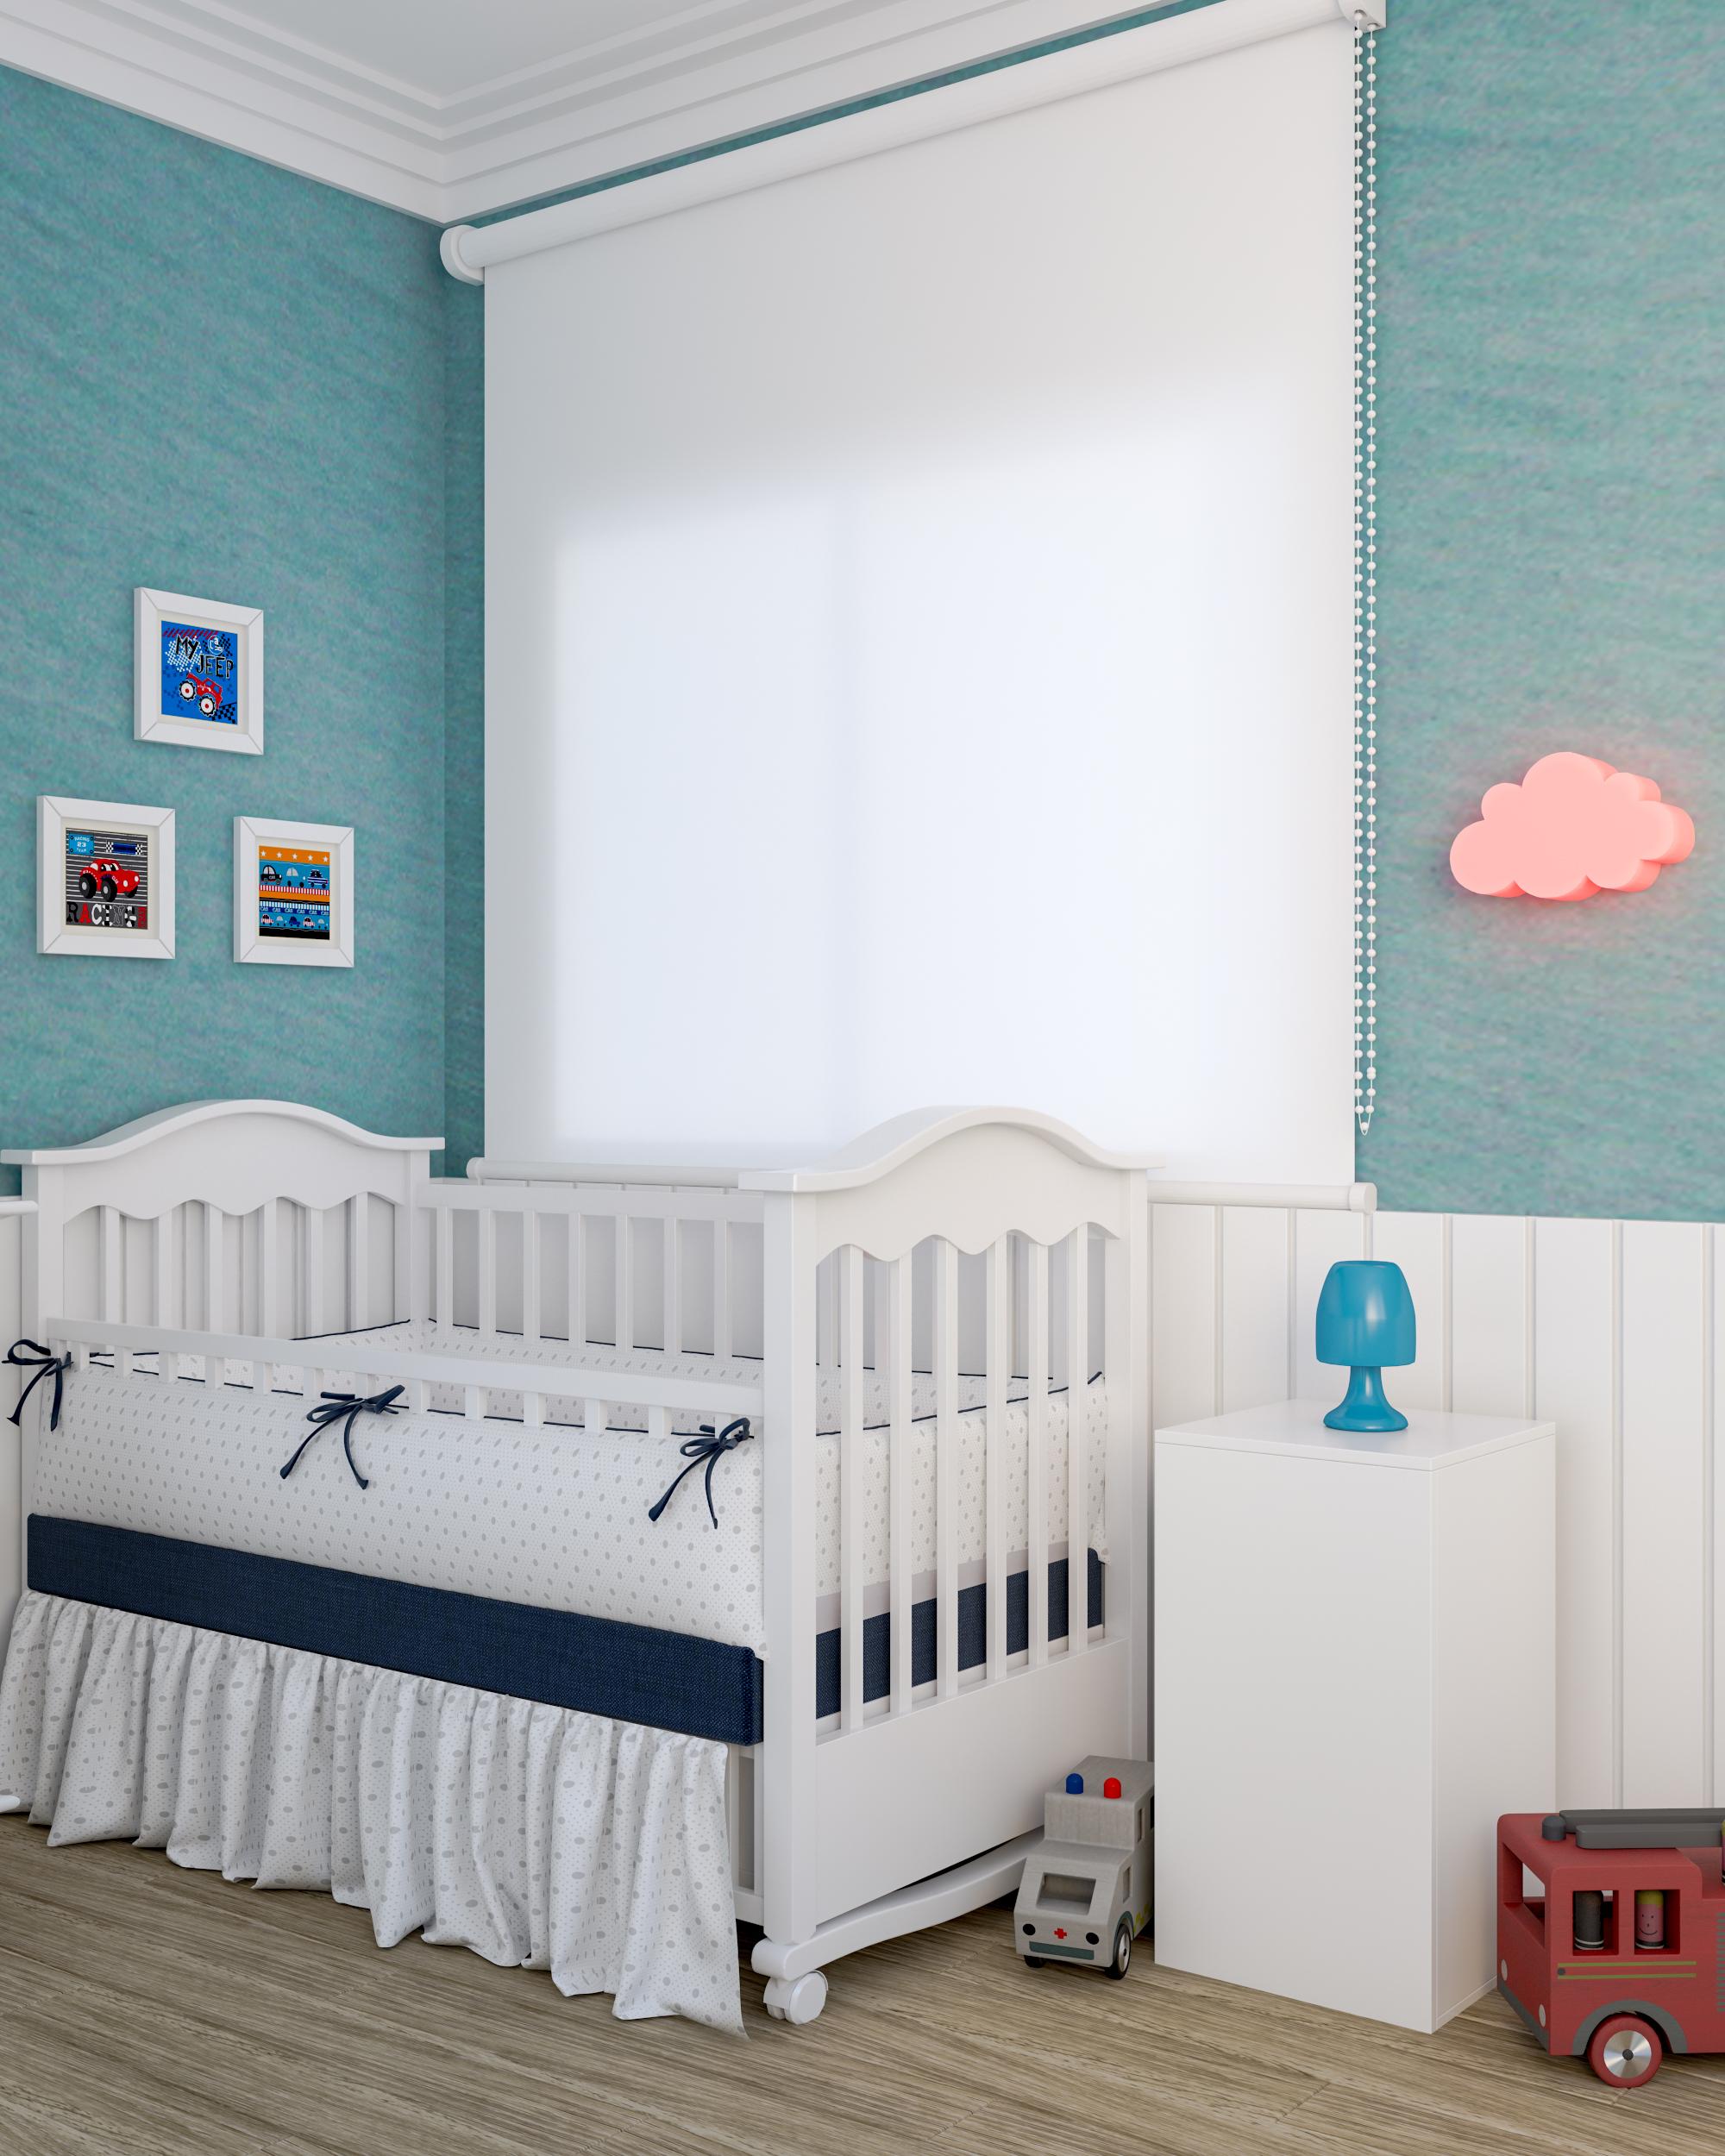 Quarto Infantil Com Arandela Tem Tica Leroy Merlin ~ Luminaria A Pilha Para Quarto E Pintura De Quarto De Bebê